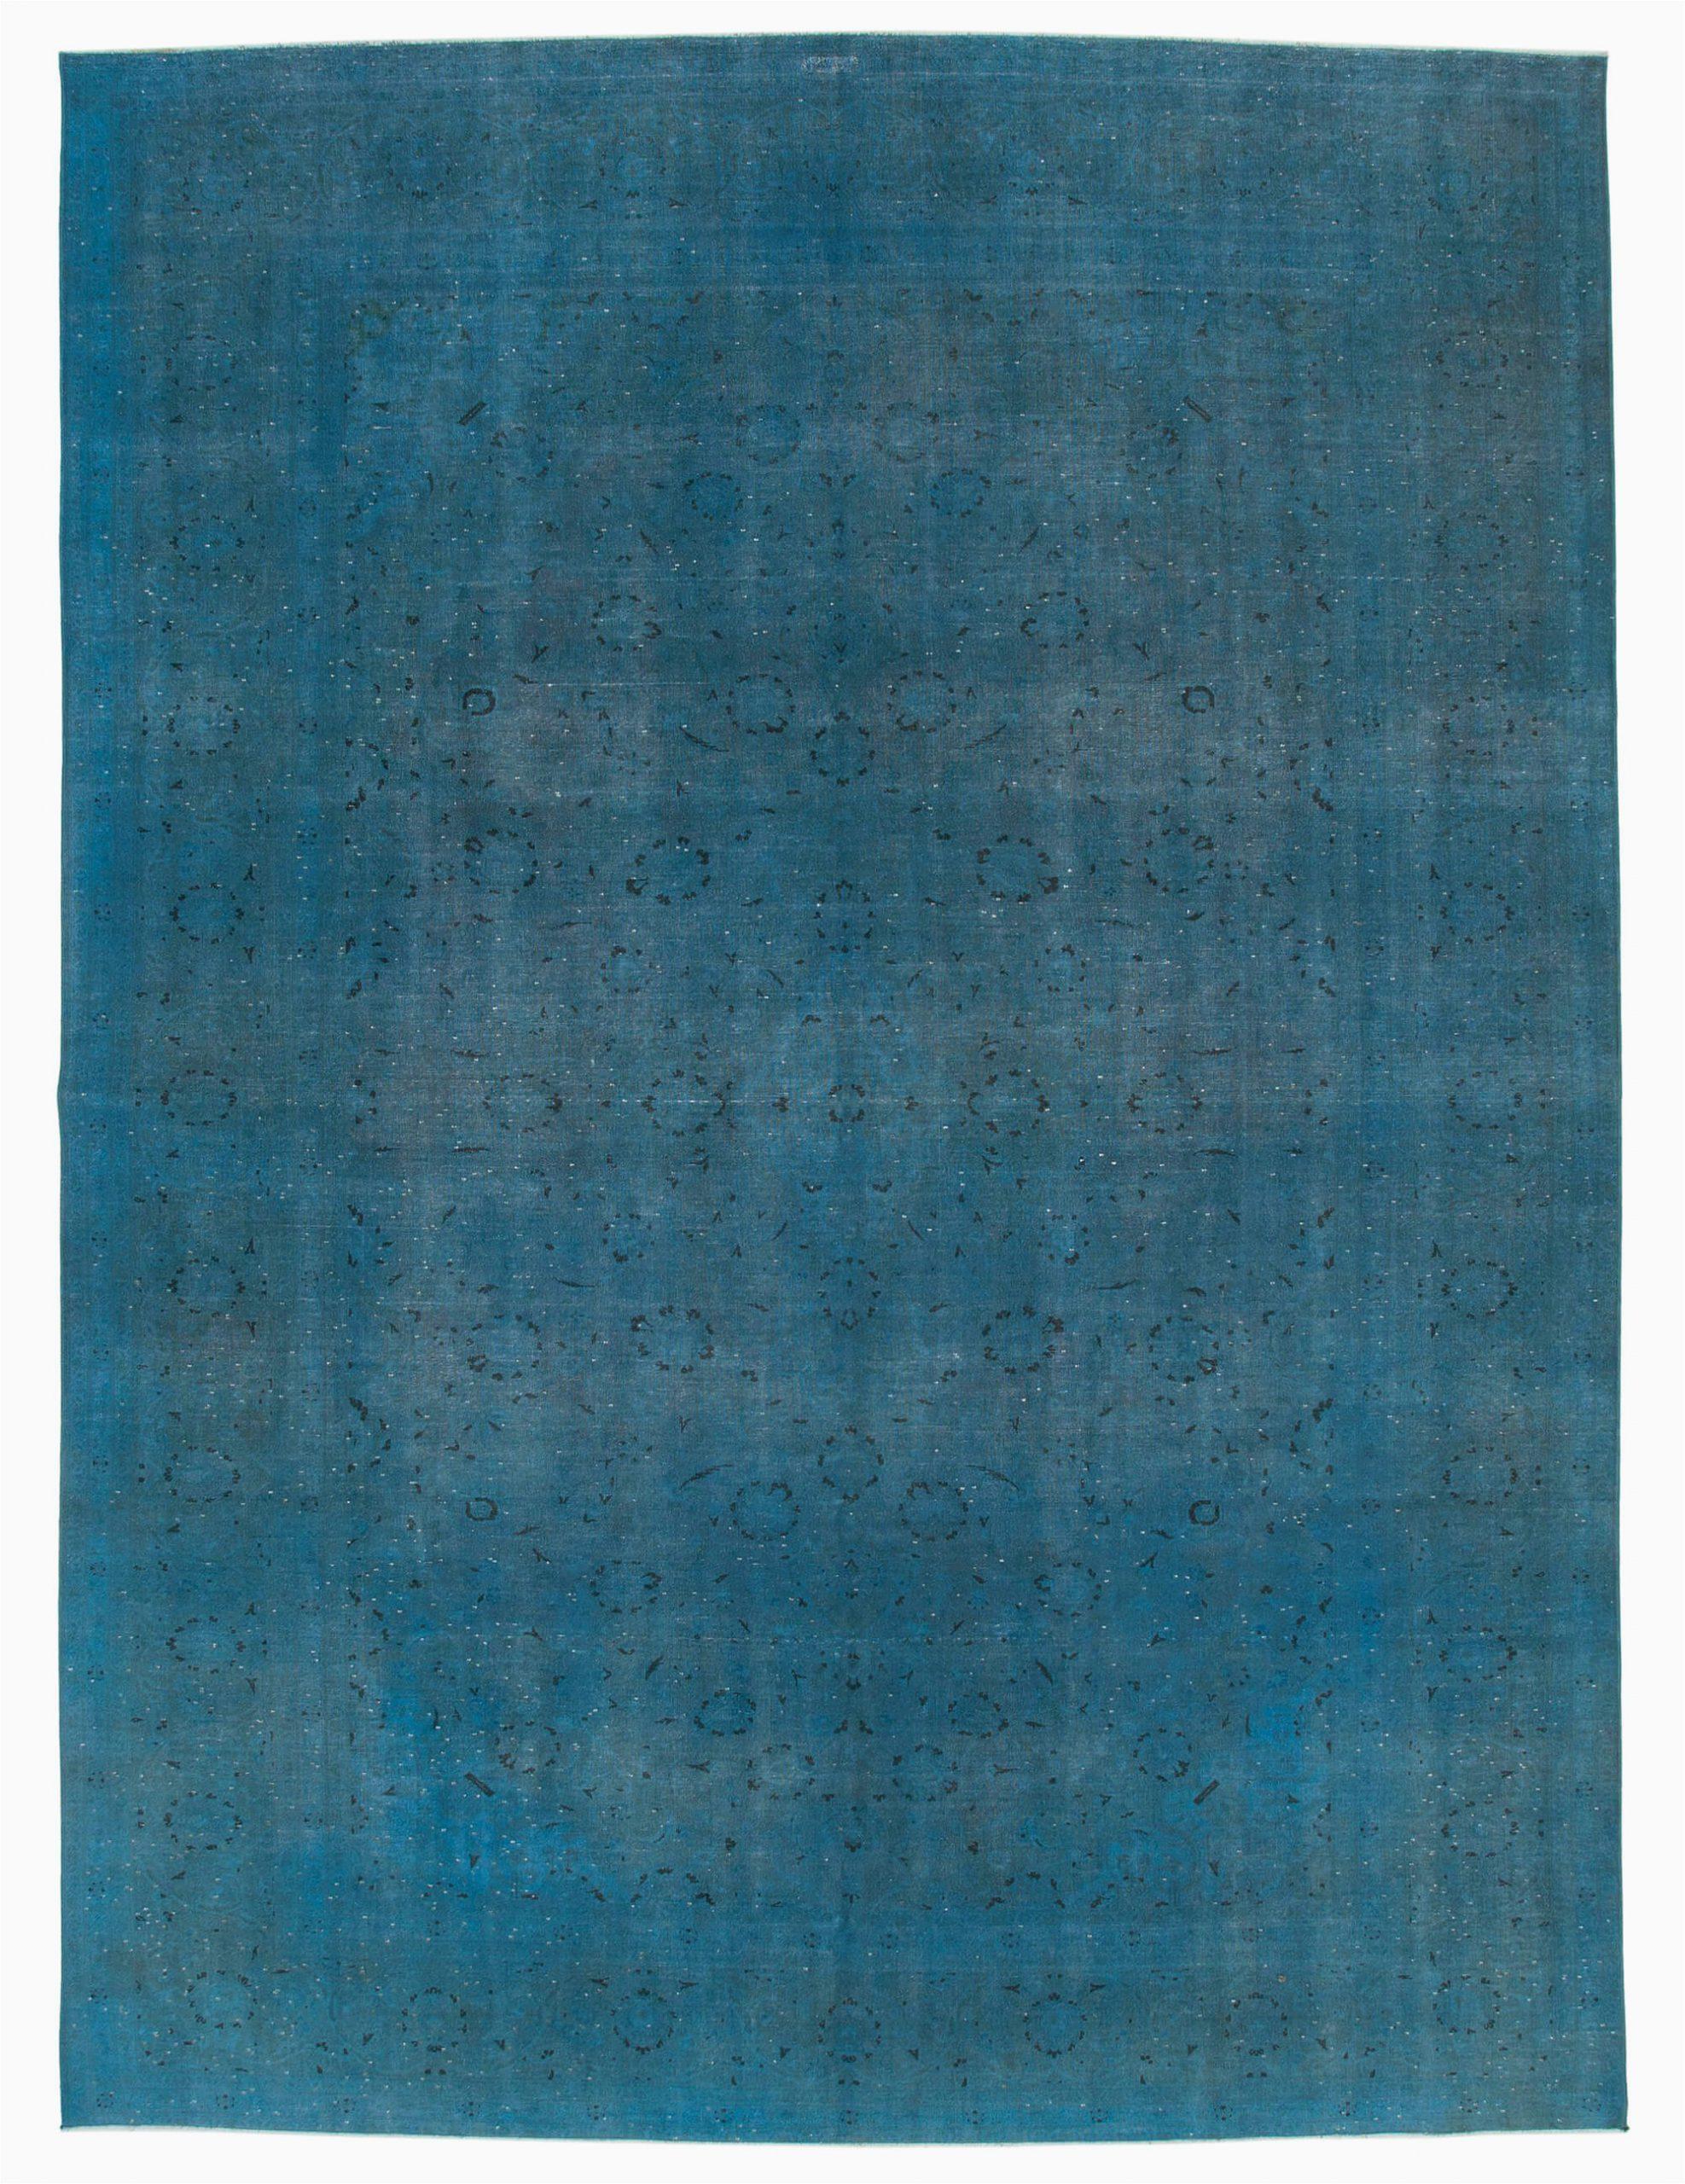 9x12 blue overdyed large area rug 5565